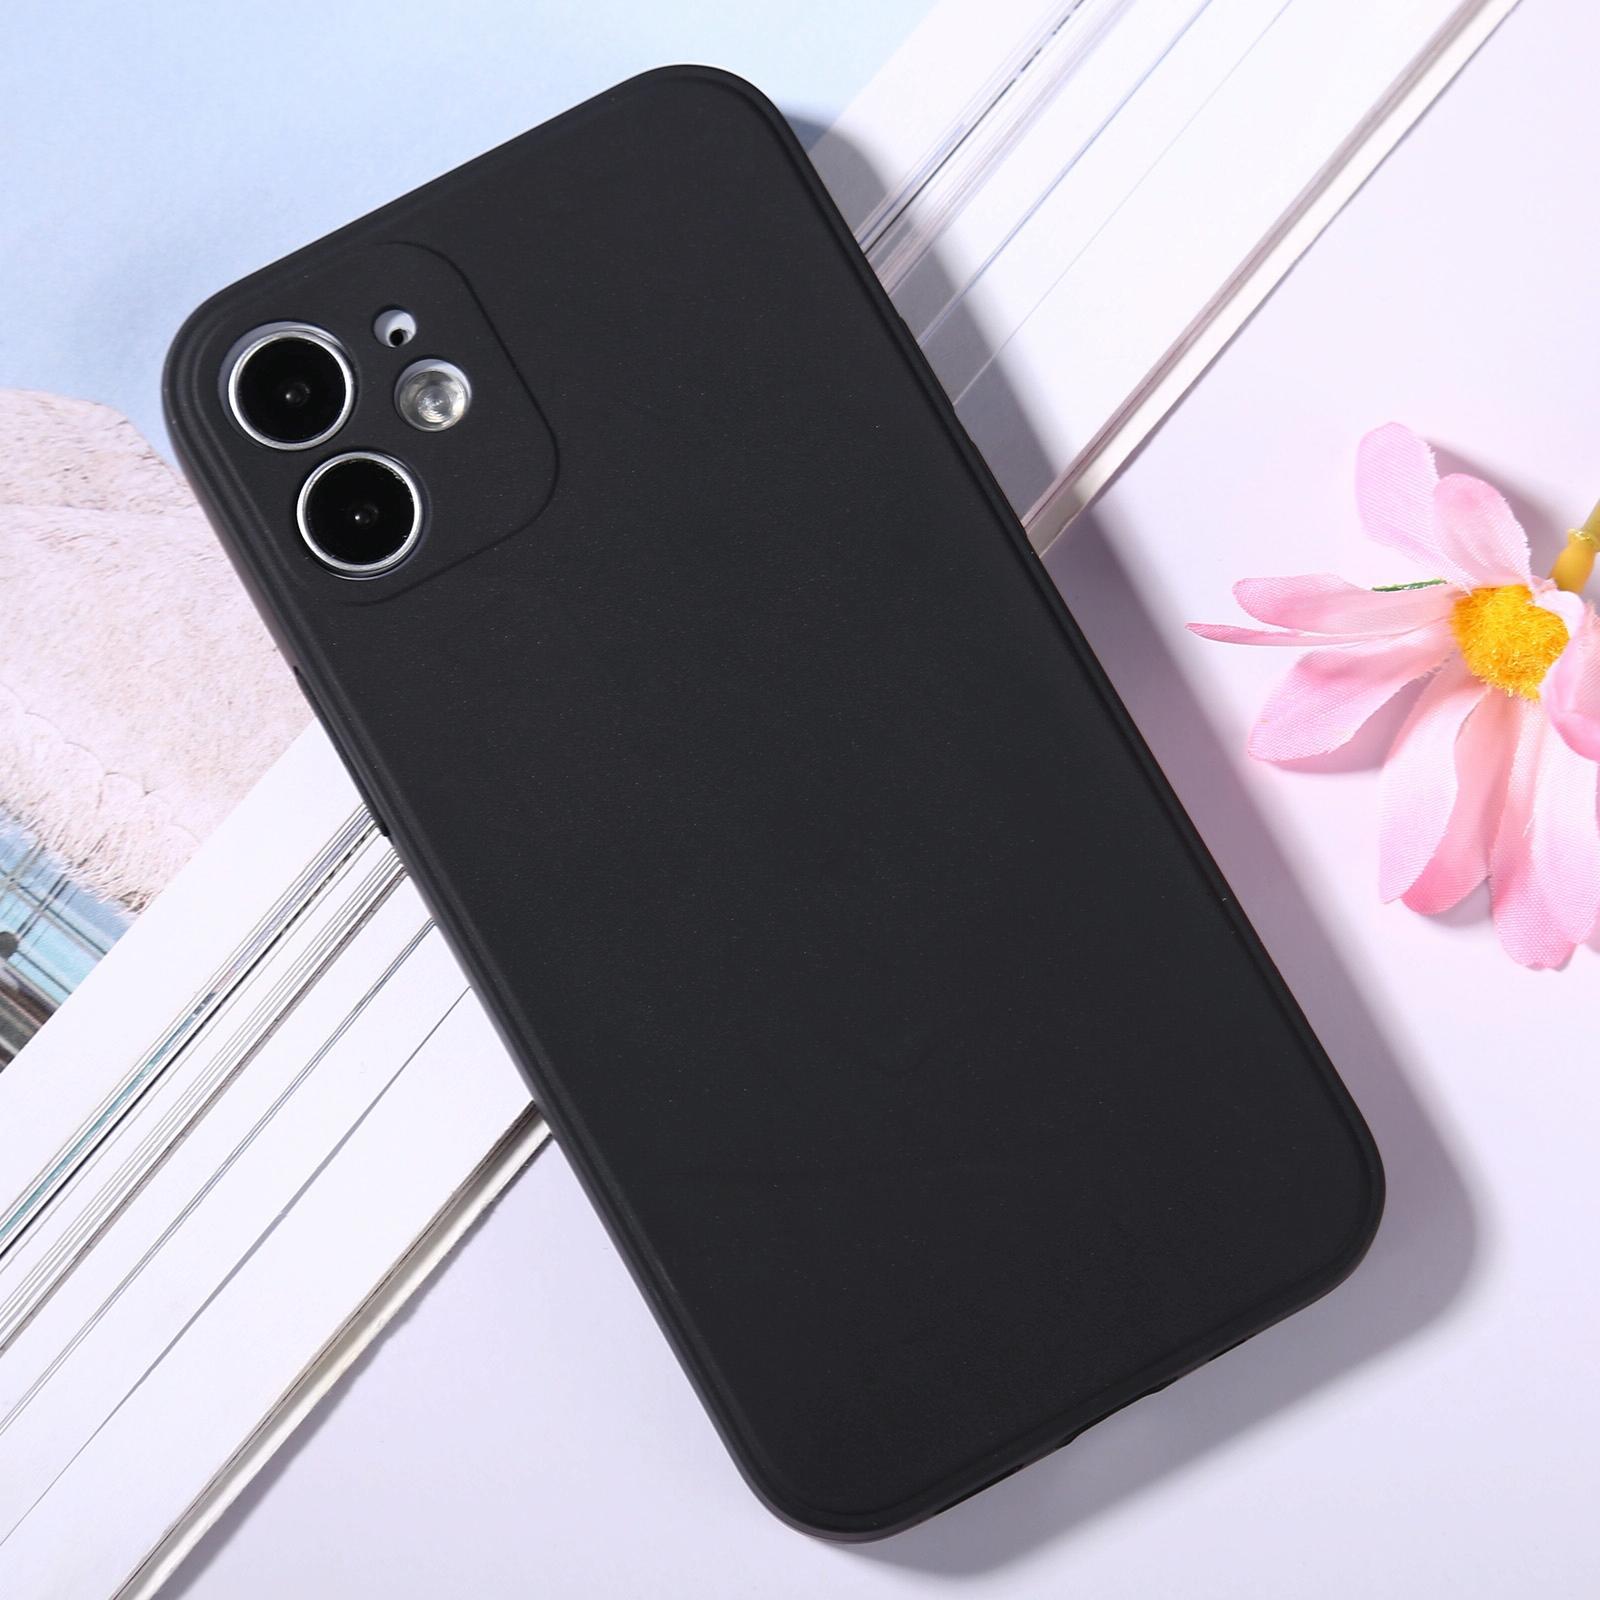 아이폰12 미니 매직 큐브 실리콘 핸드폰 케이스 (블랙)